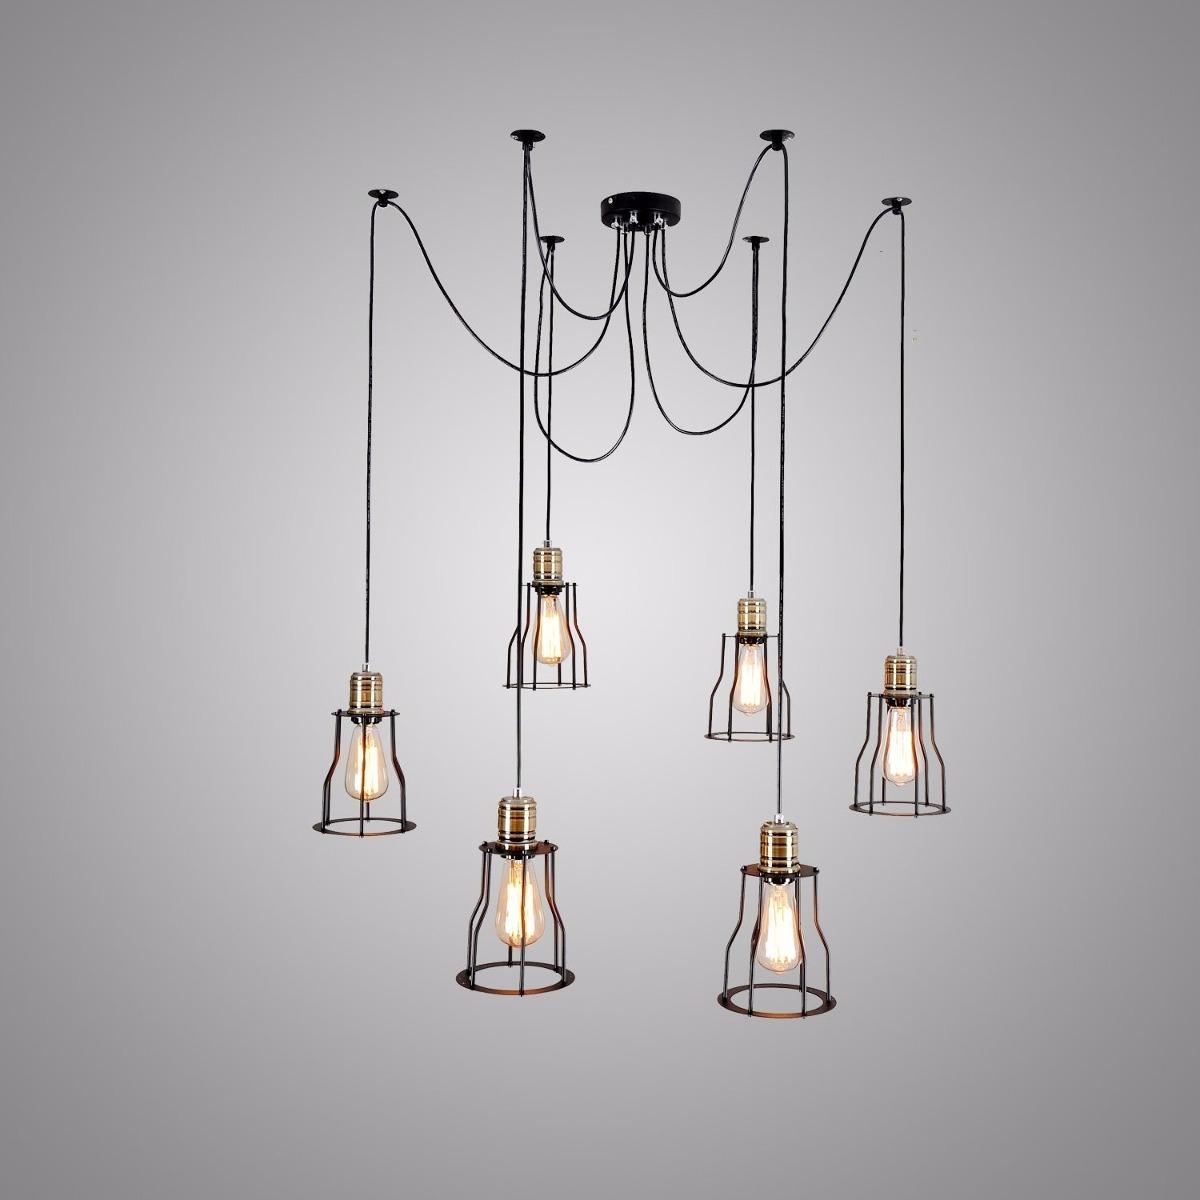 Lampara vintage bulbo edison industrial 6 luces colgante 4 en mercado libre - Lampara industrial vintage ...